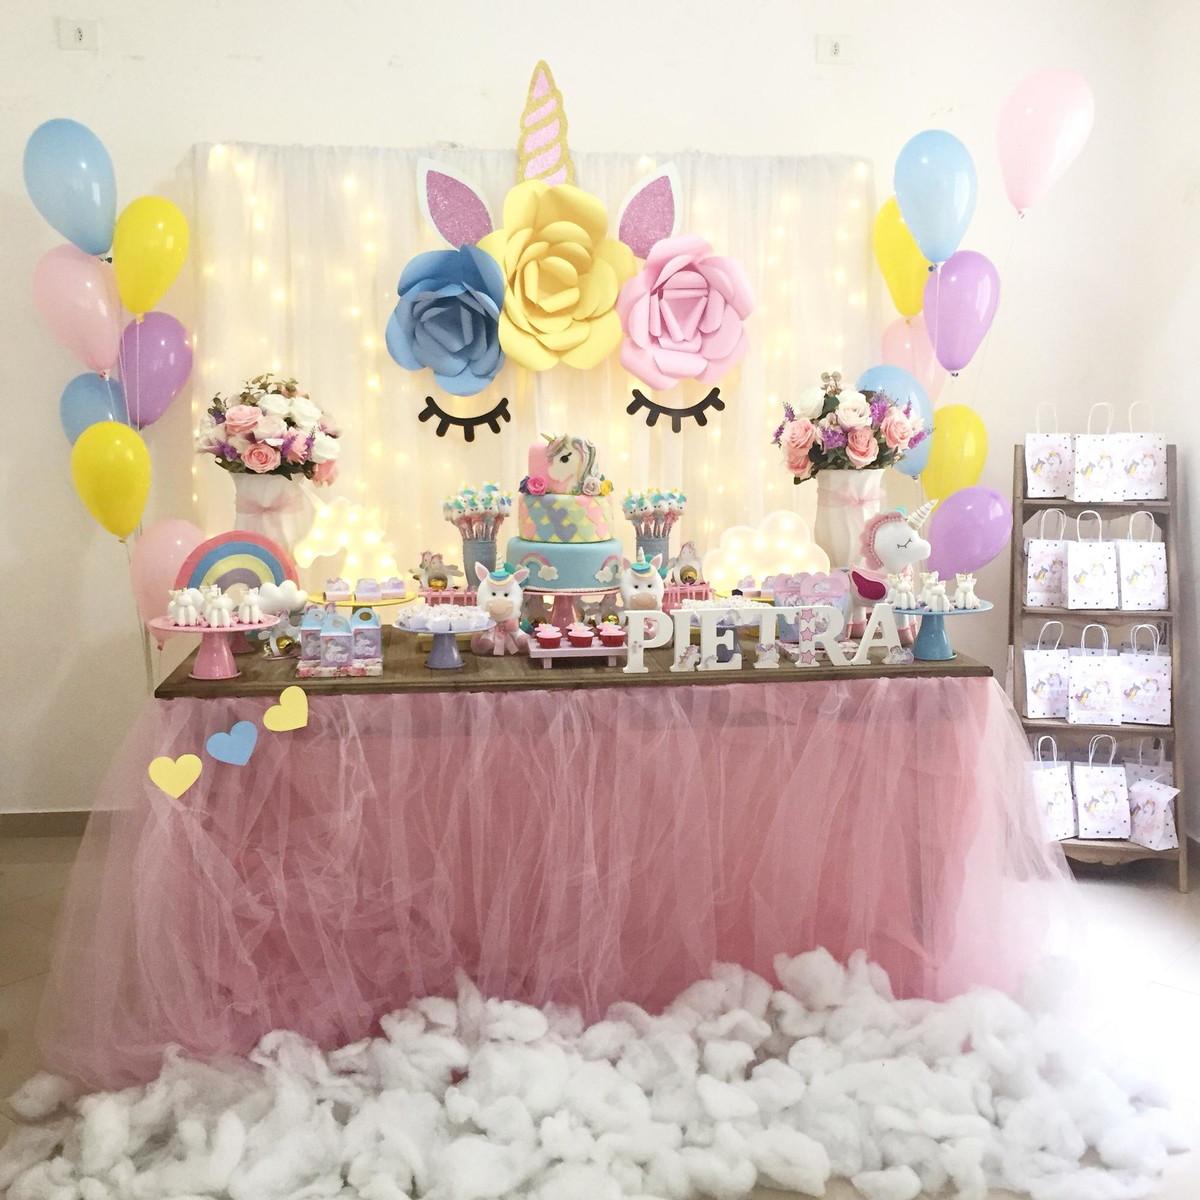 Decoraç u00e3o Unicornio no Elo7 JF Festas Personalizadas (D7D16C) -> Aluguel Decoração Festa Infantil Unicornio